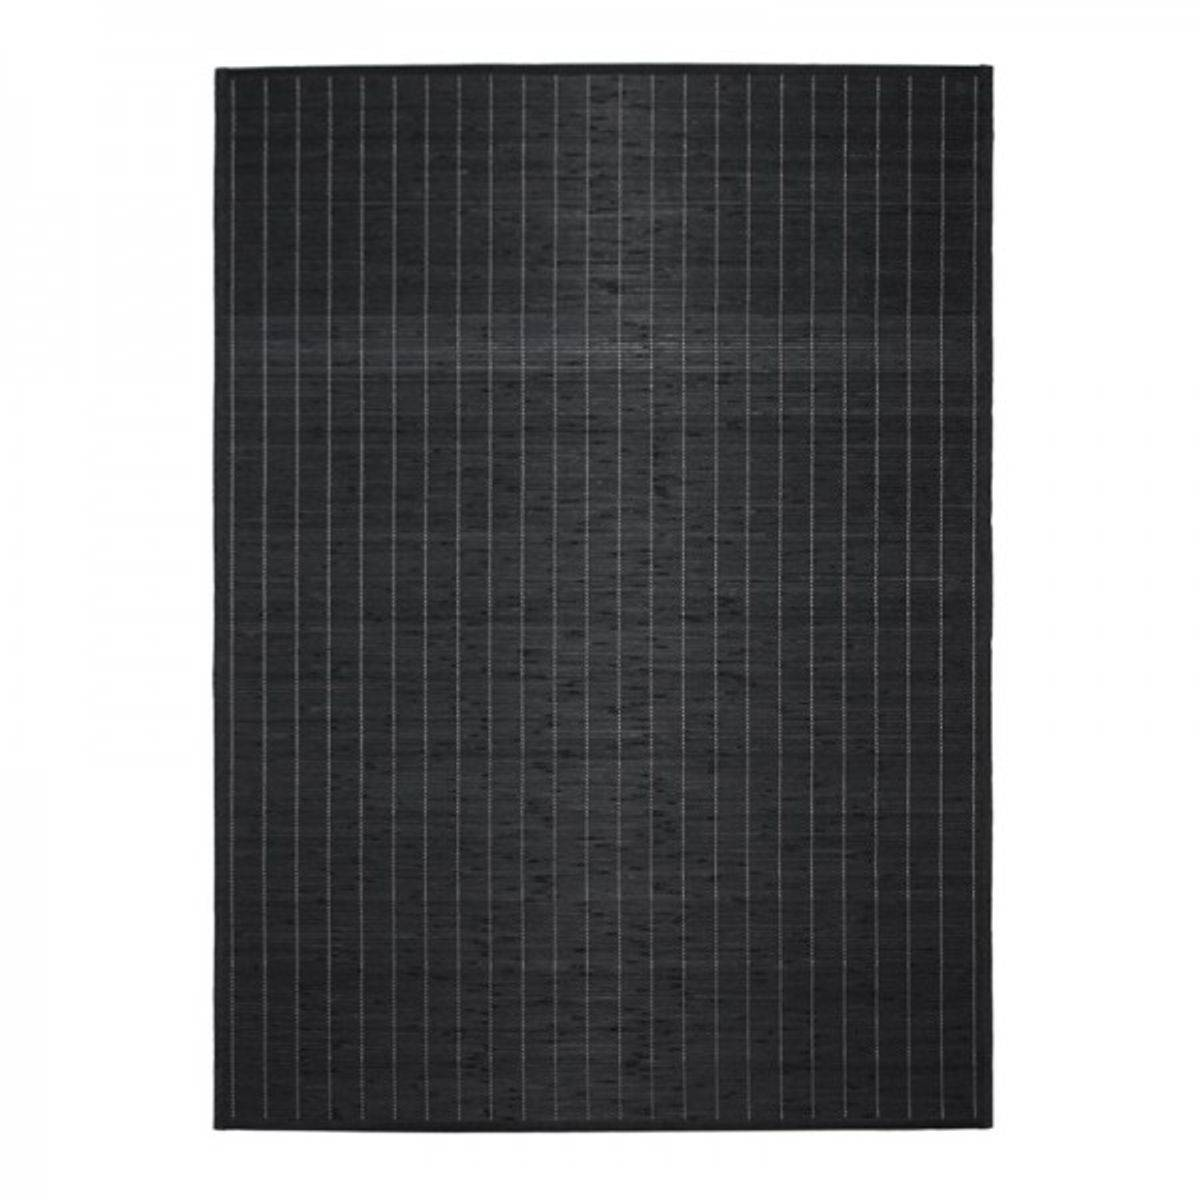 TheDecoFactory BALI CHIC - Tapis en bambou noir 60x90 Noir